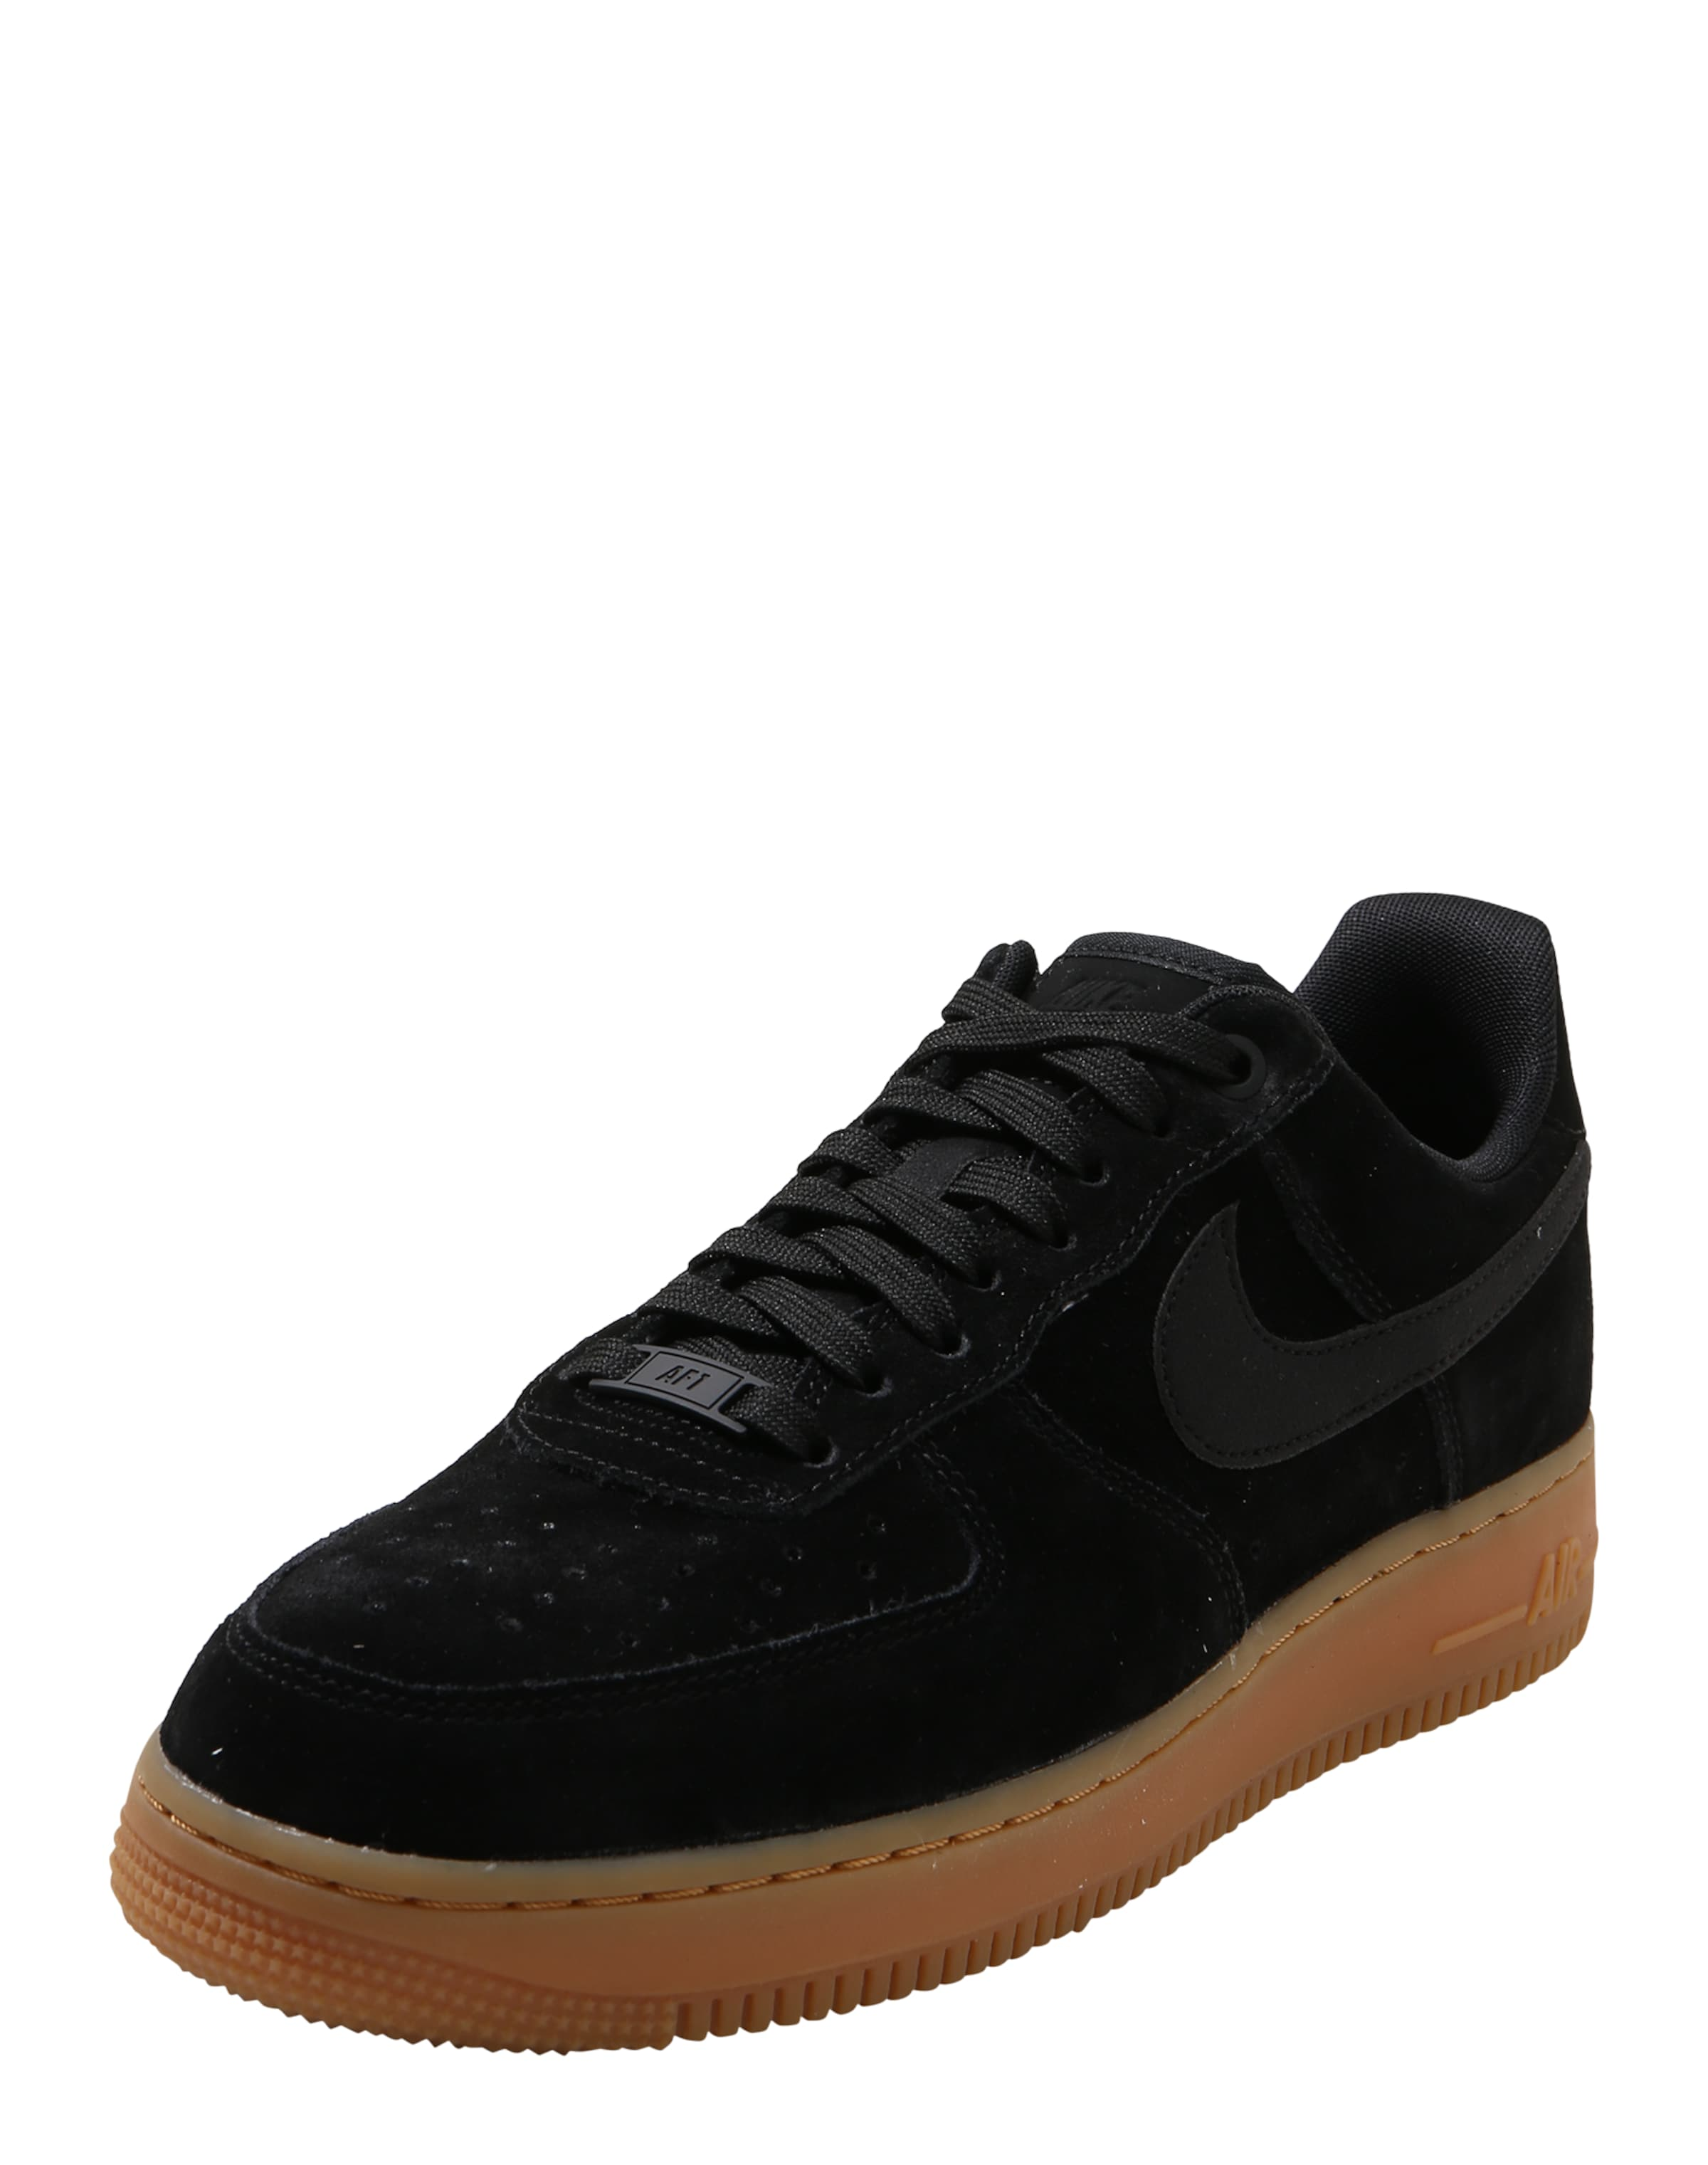 Nike Sportswear Sneaker Low Air force 1 07 lv8